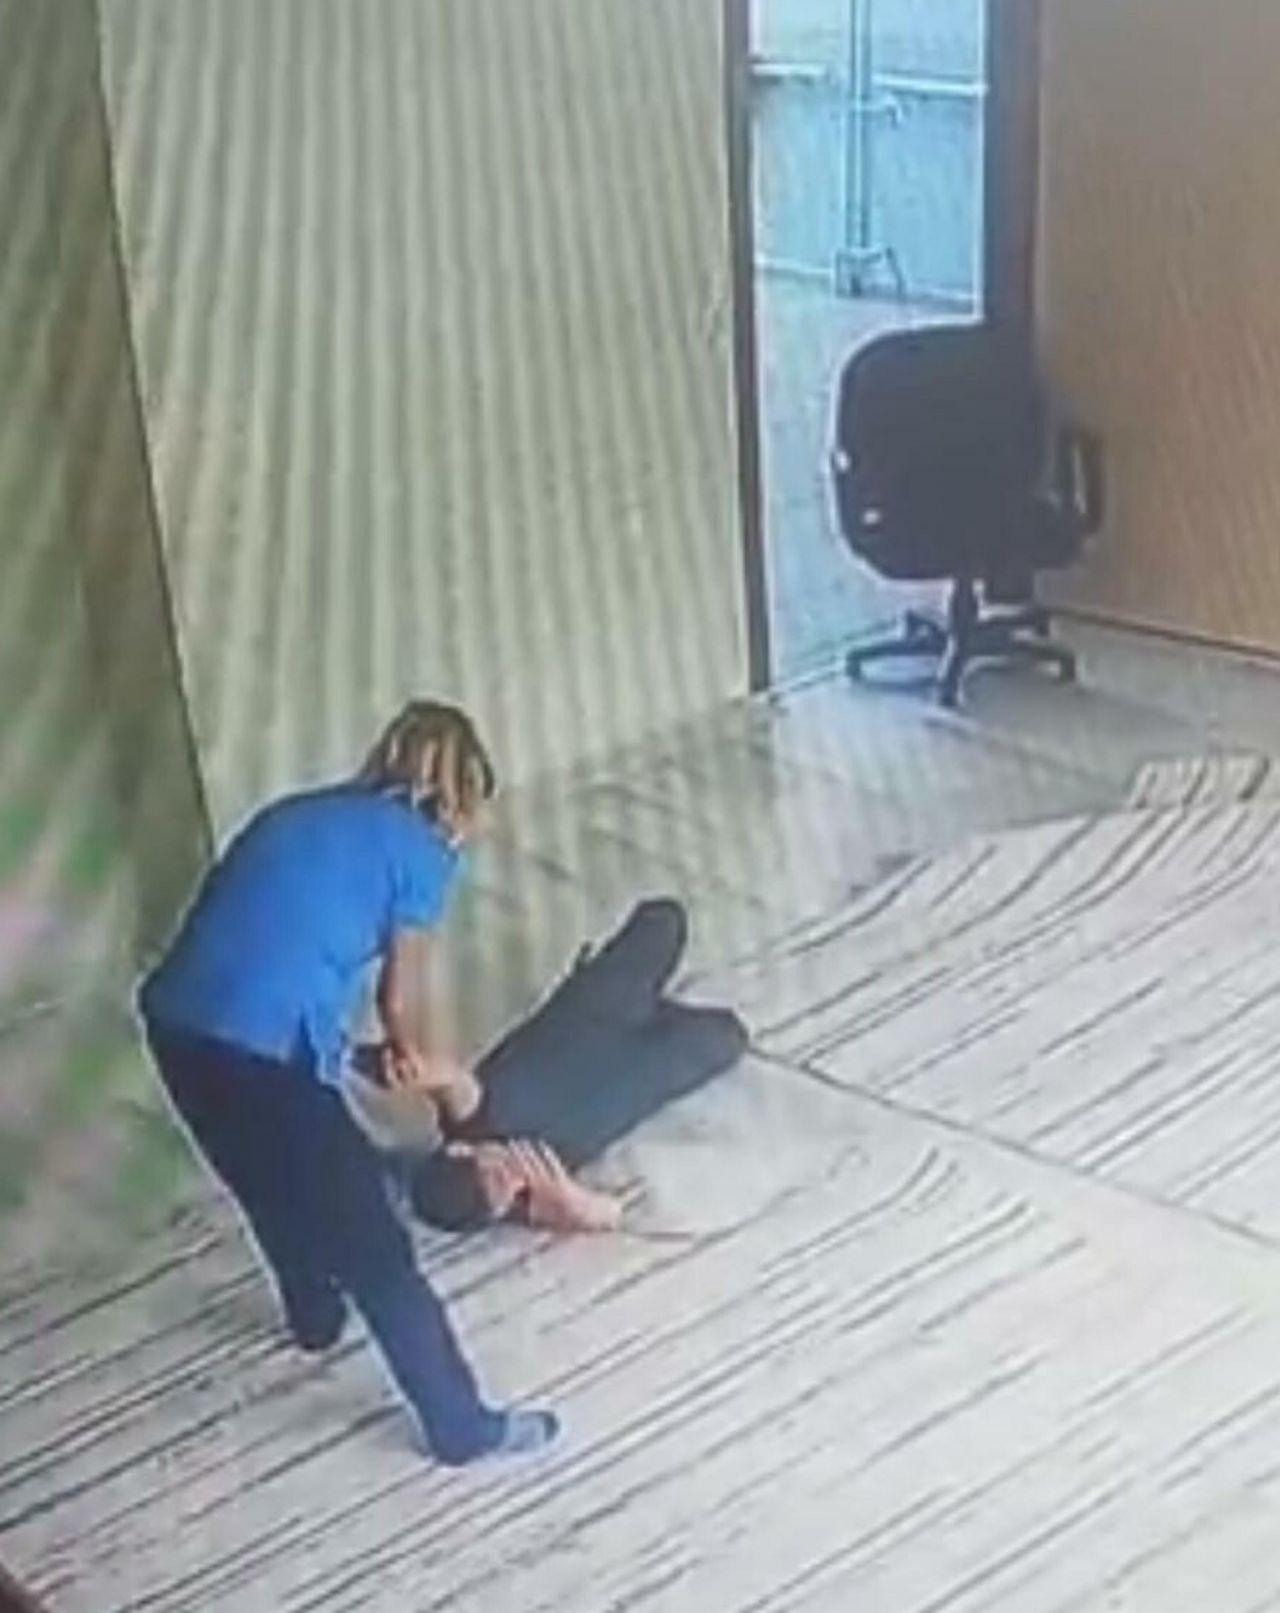 12 yaşındaki engelli öğrencinin yüzüne ayağıyla vurdu, kollarından tutup yüzüne bastırdı! Tutuklanan Aslı Gümüş'ün görüntüsü ortaya çıktı, darp iddiasını yalanladı - Sayfa:2